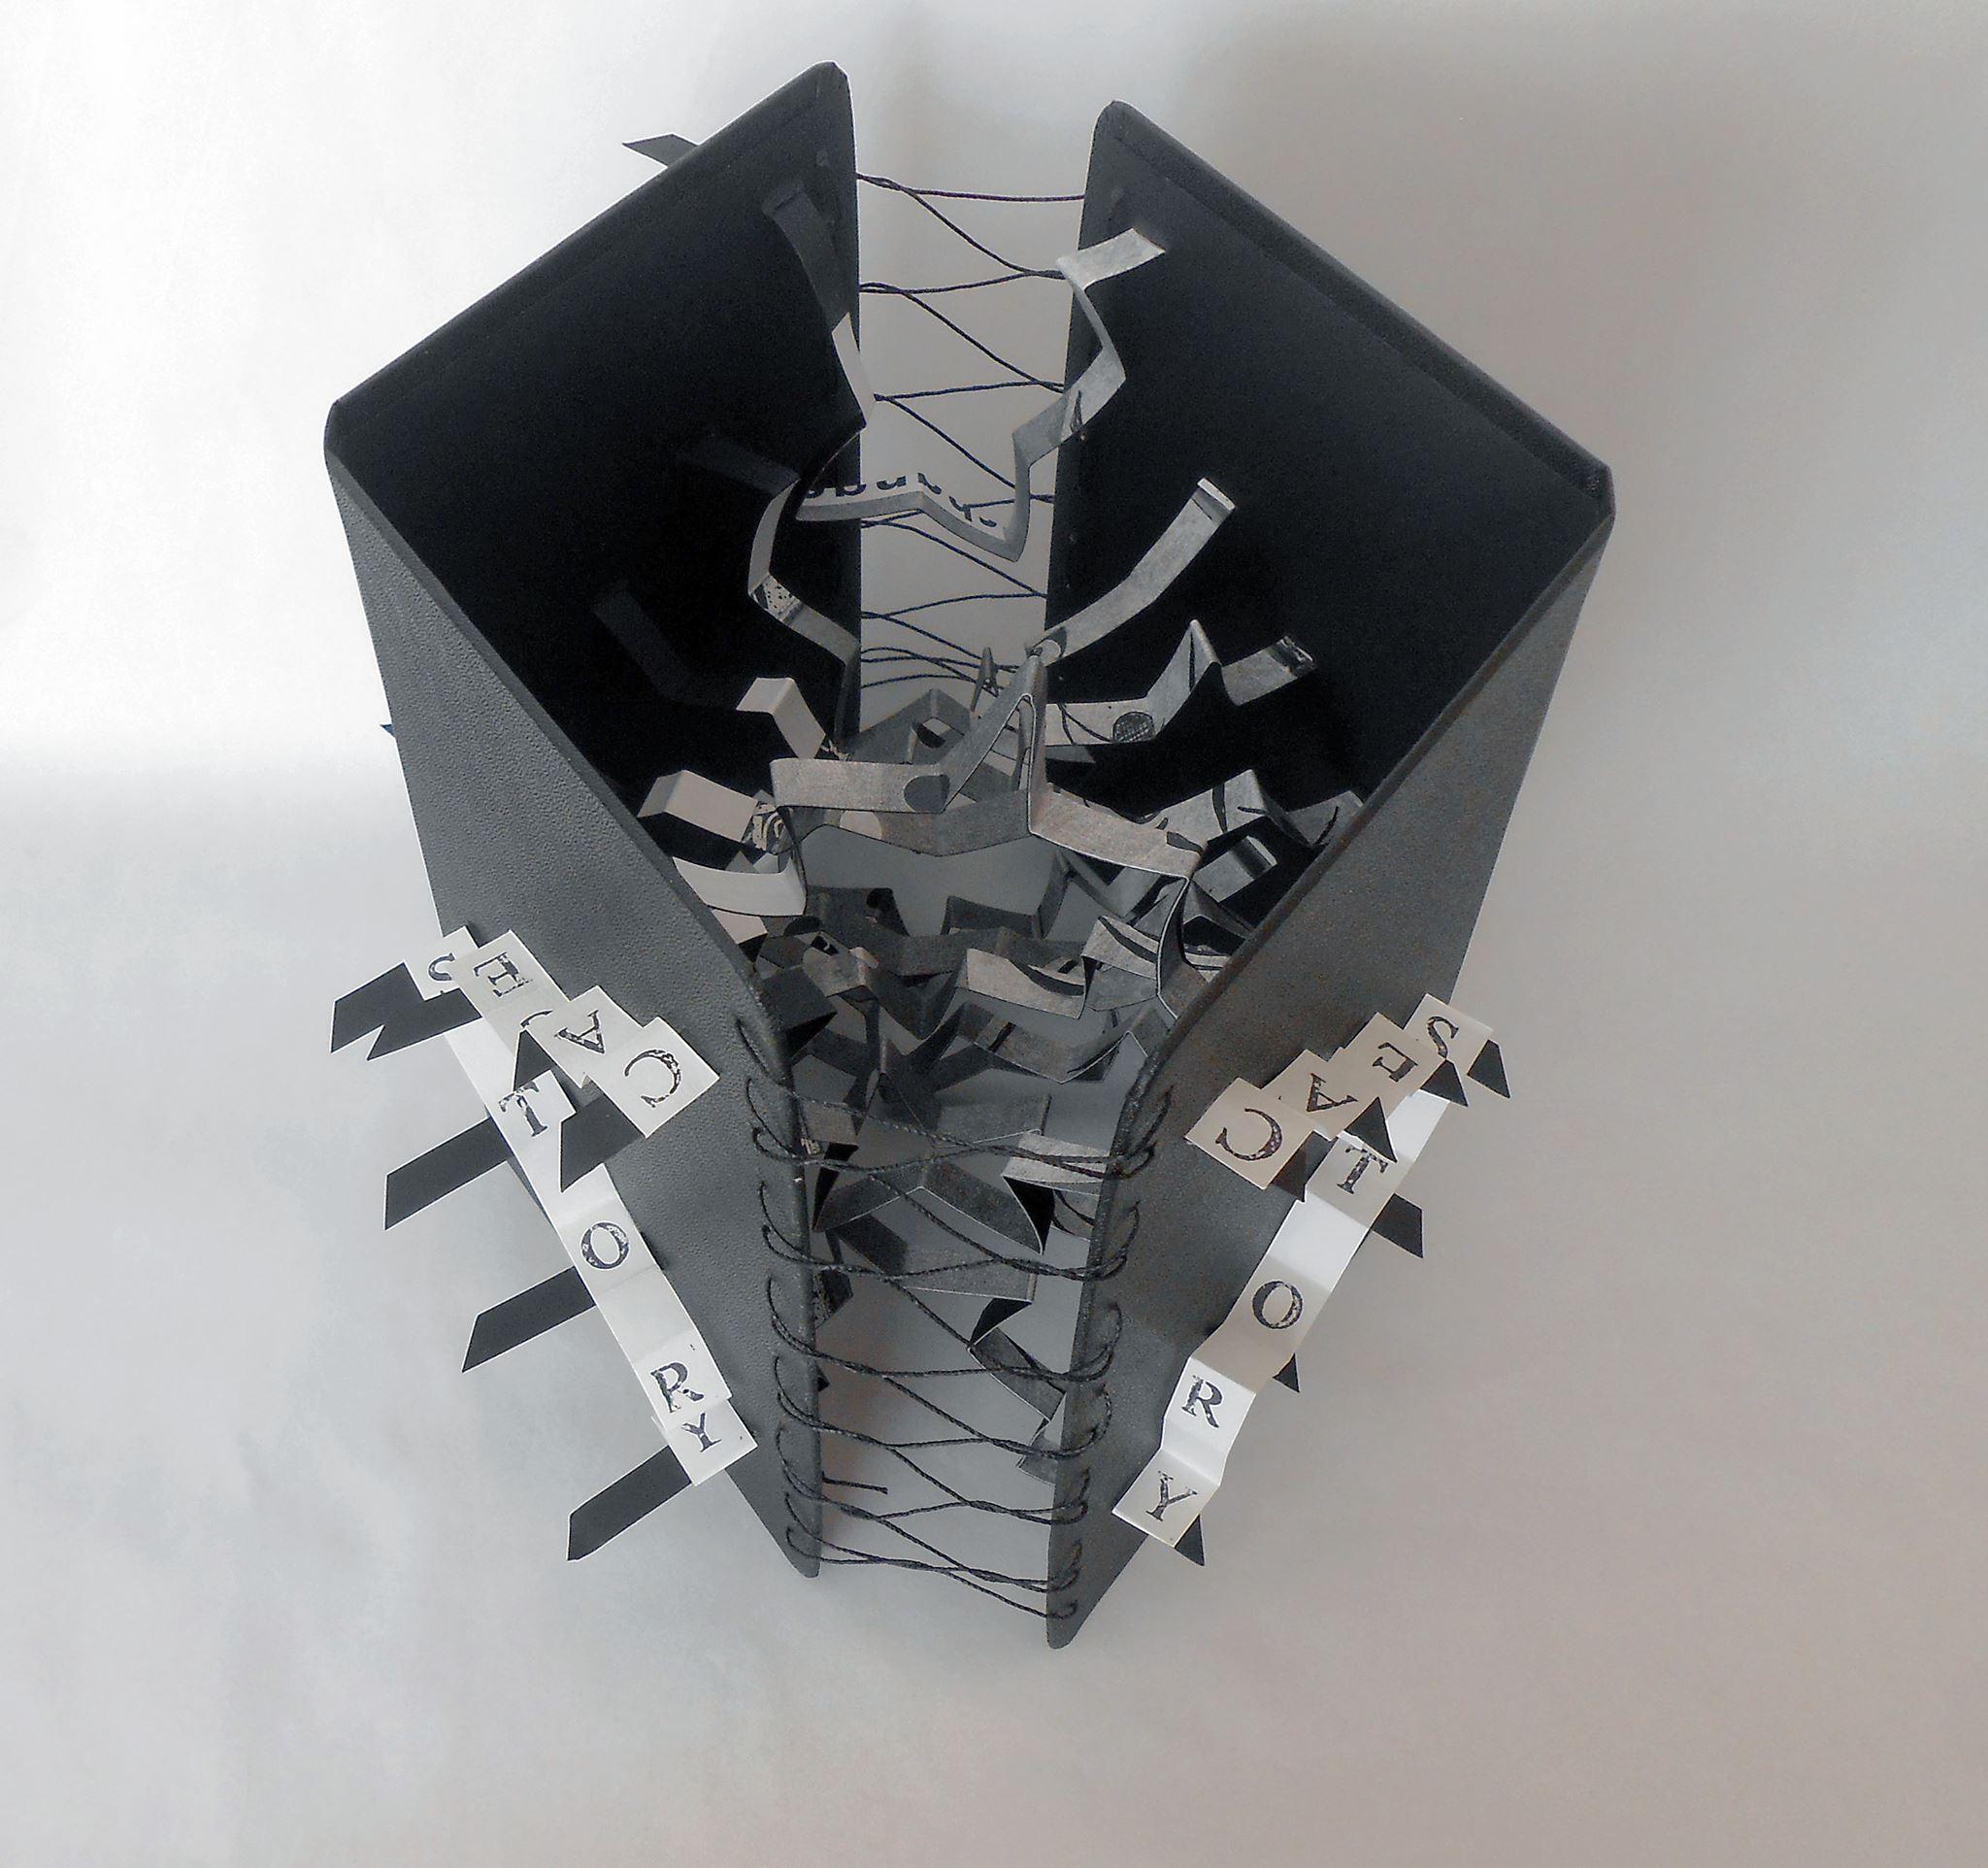 Nesta obra é possível observar a técnica da laçada francesa, utilizada por Gabriela Irigoyen